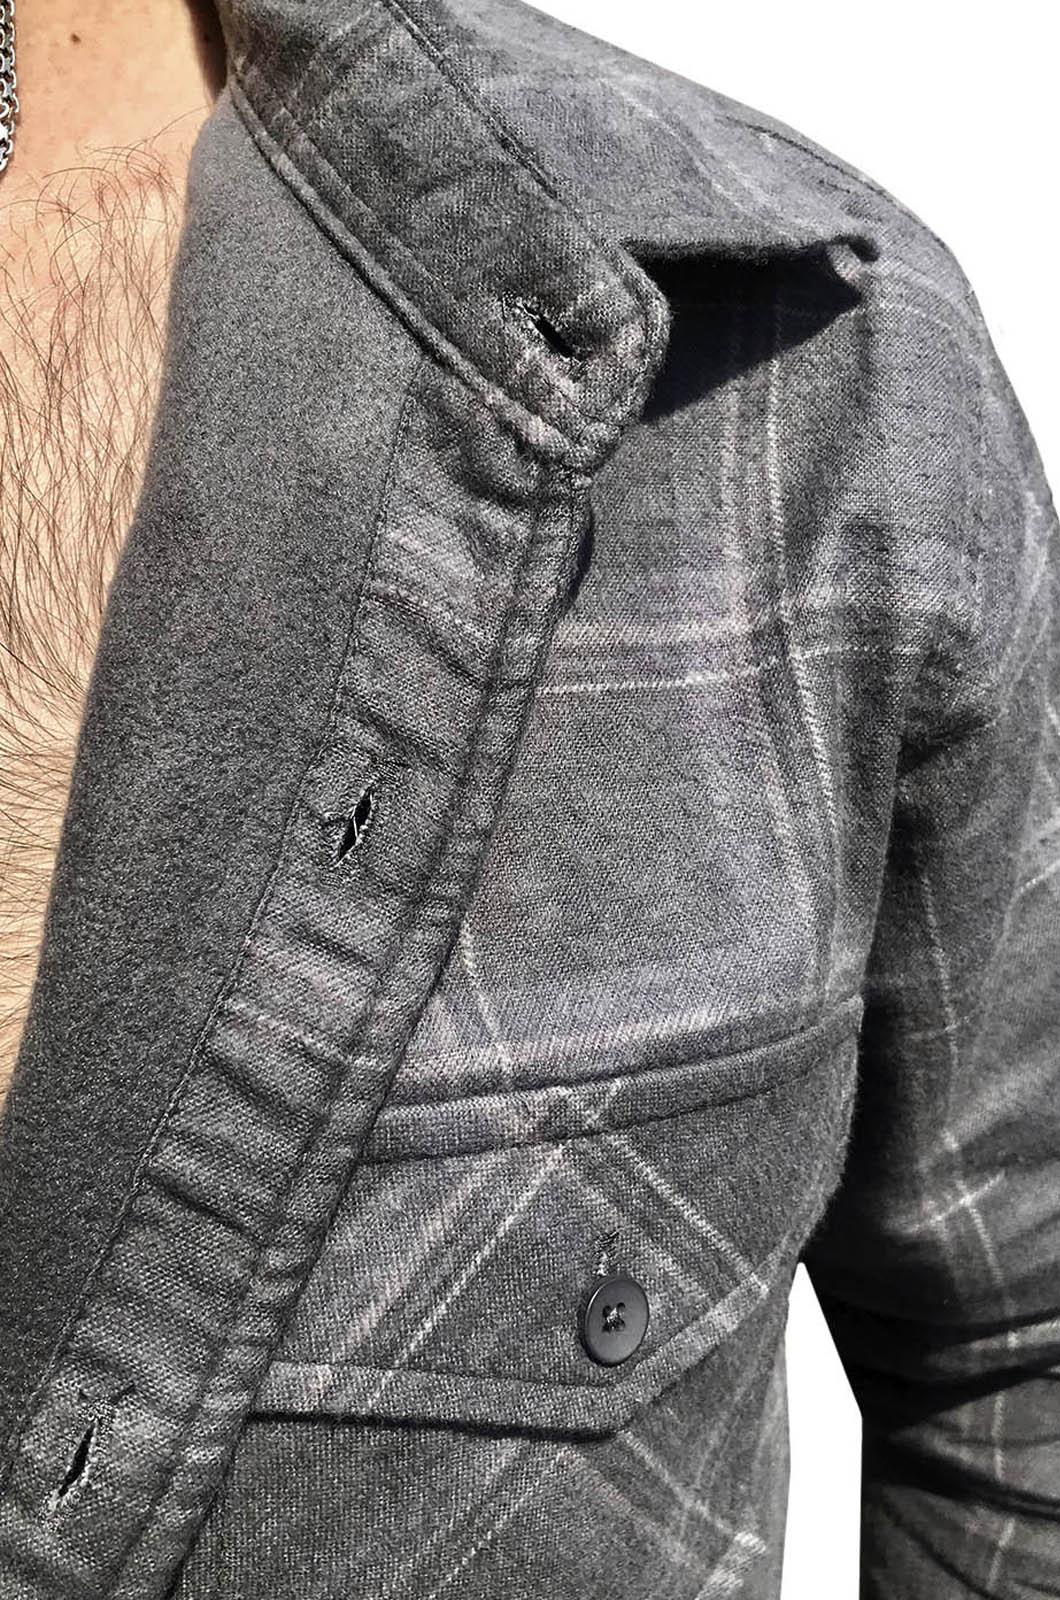 Стильная утепленная рубашка с вышитым флагом Новороссии - купить в Военпро